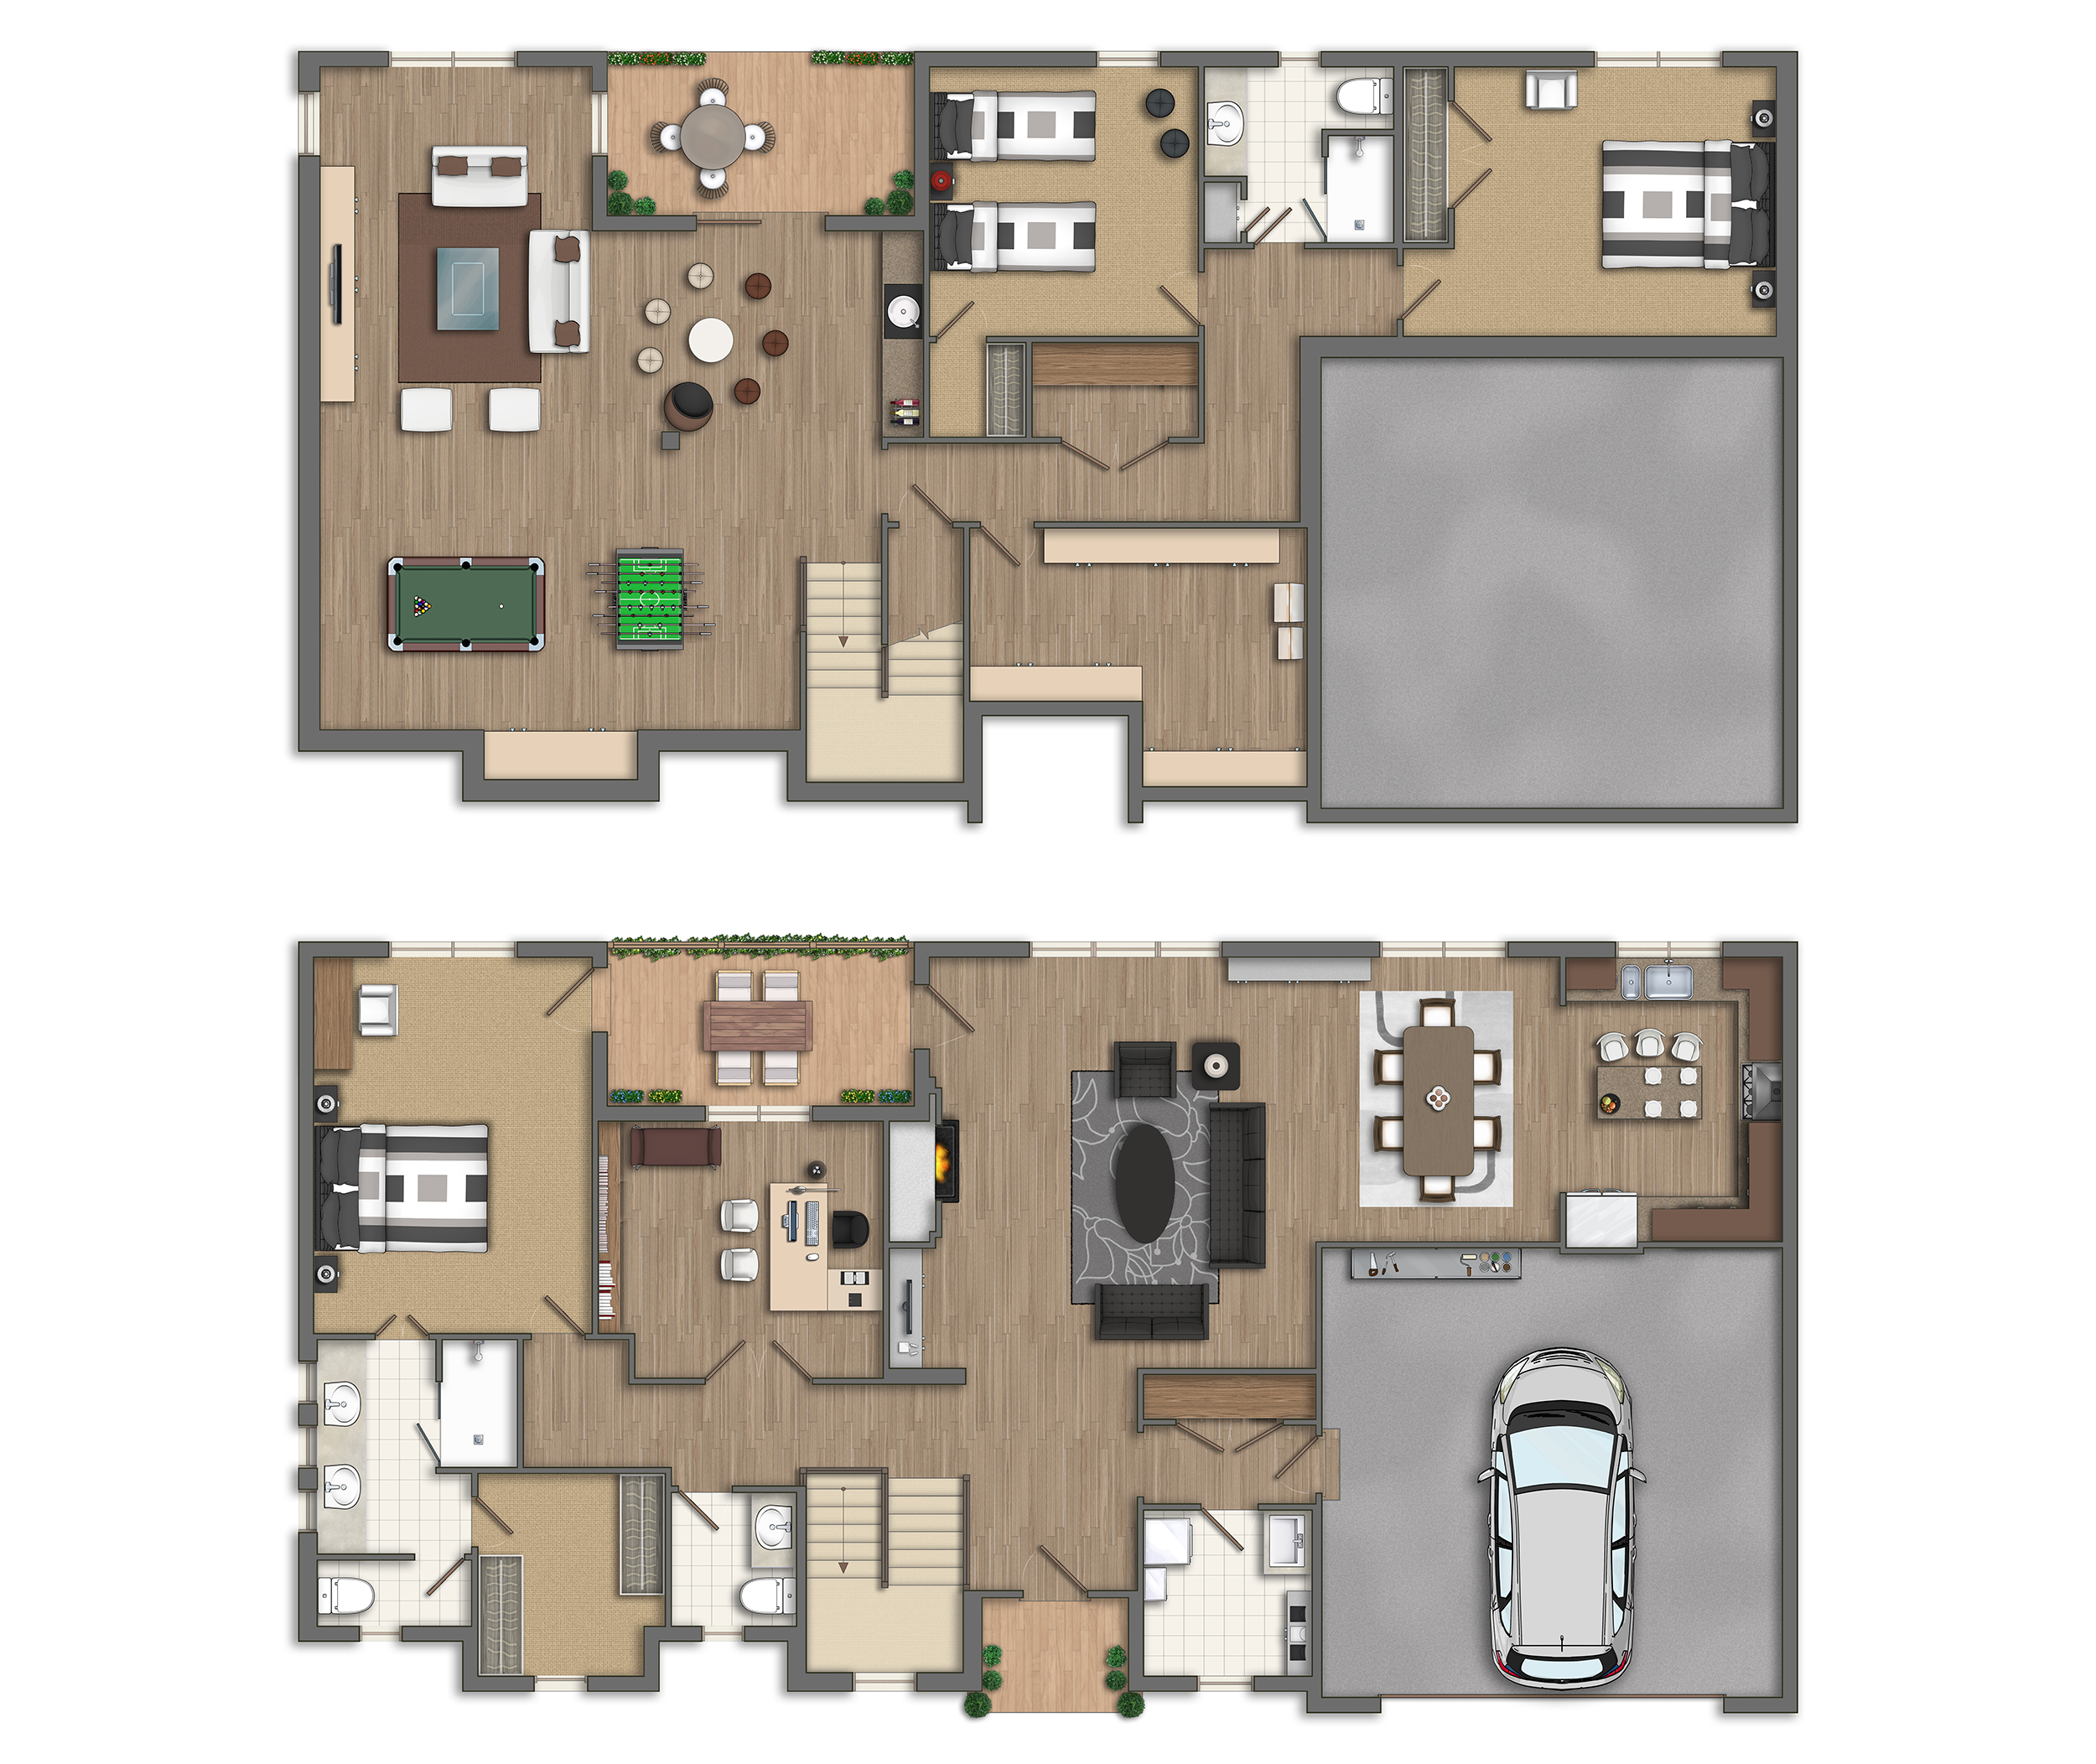 Photoshop planos 2d casas americanas for Casas americanas planos